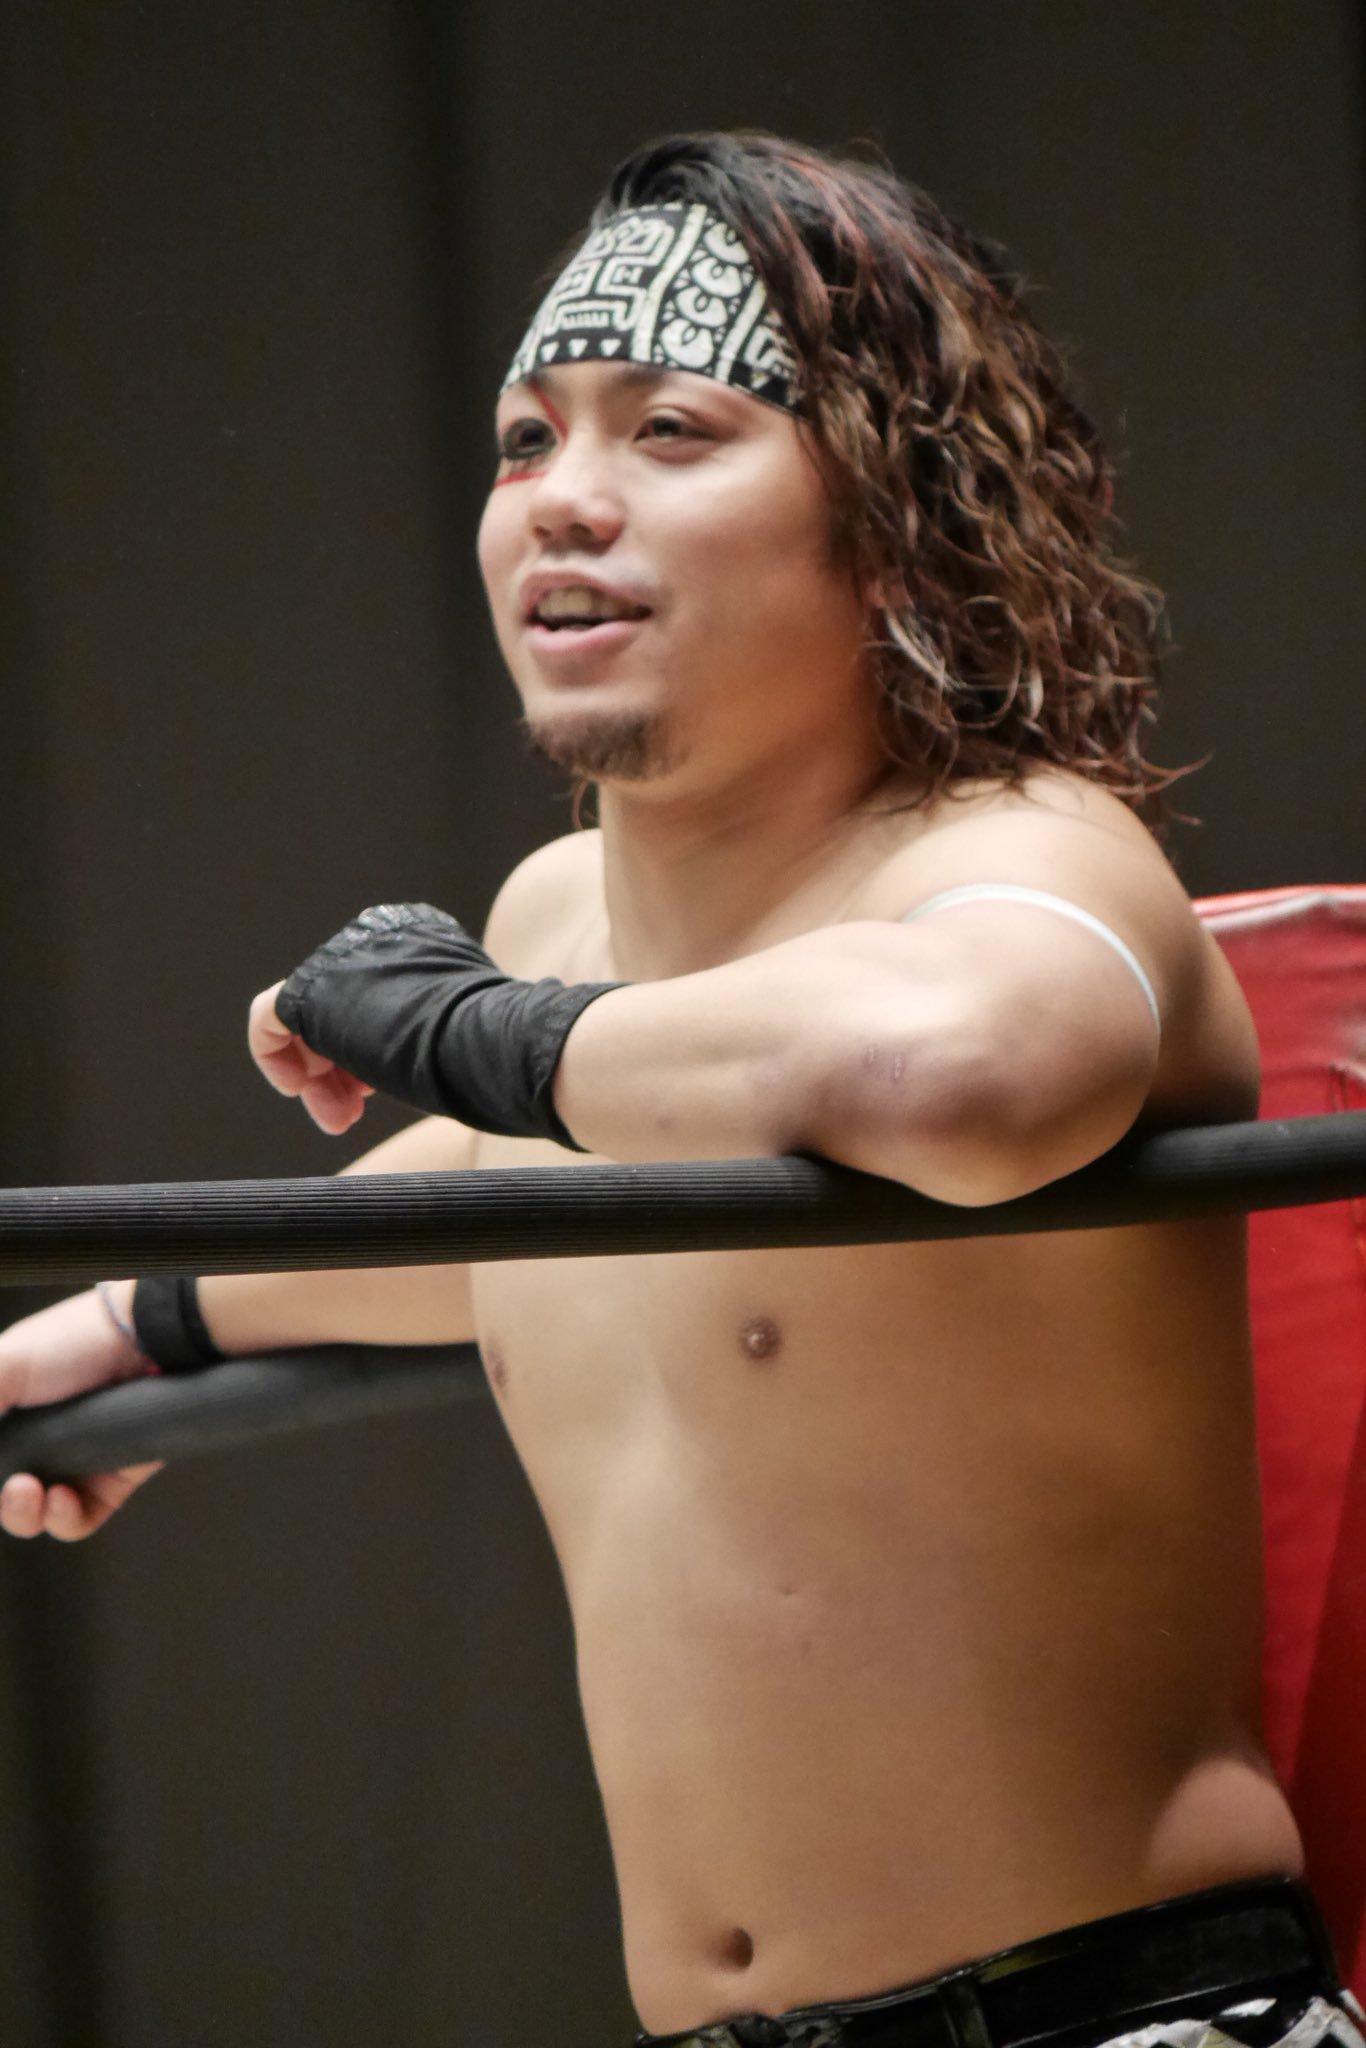 Shunma Katsumata